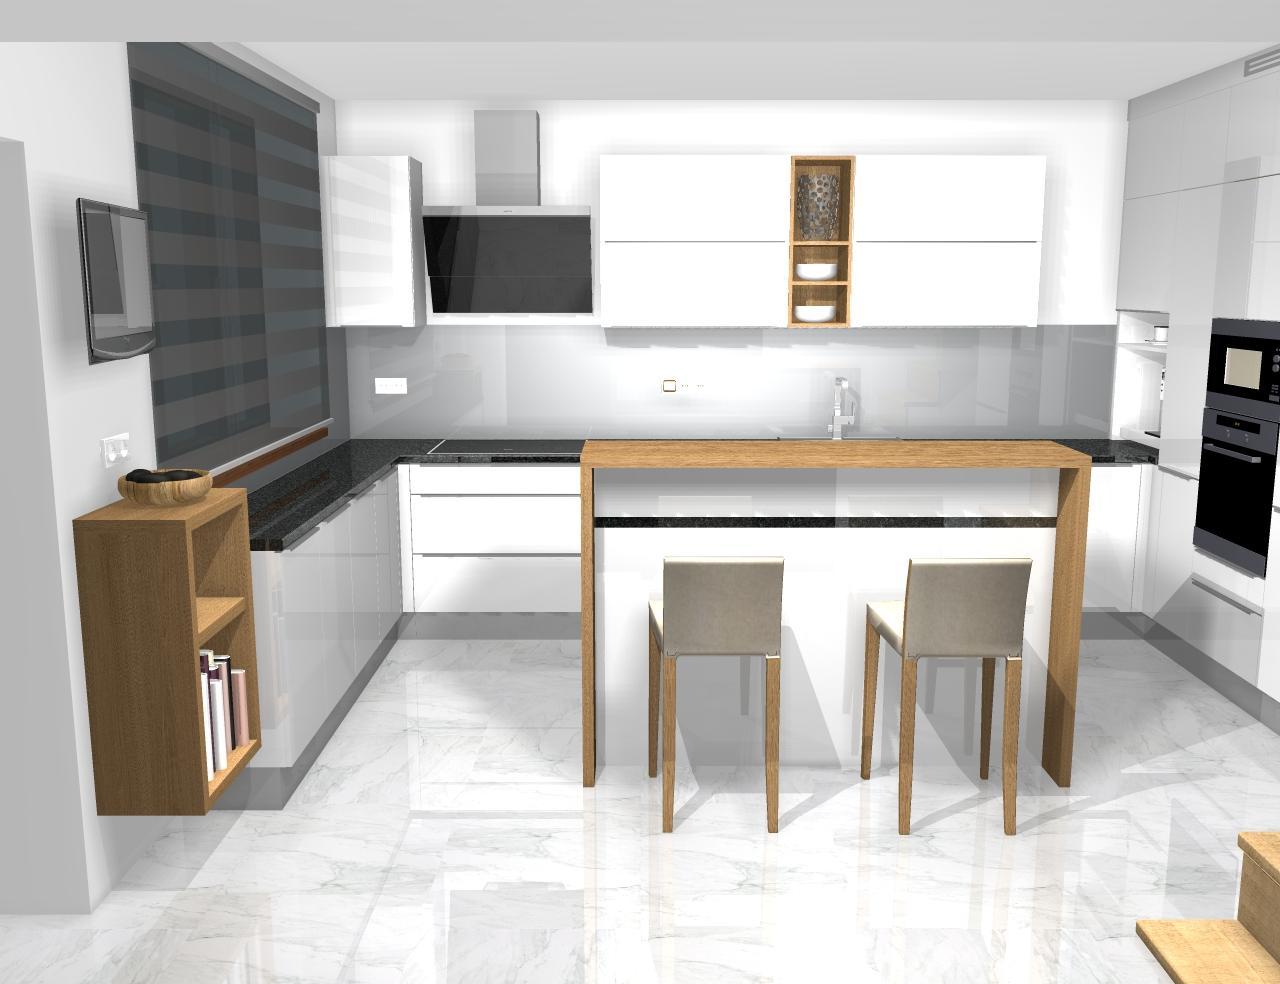 Grafické návrhy kuchynských liniek 2020 - Grafický návrh kuchynskej linky do rodinného domu - obr.1